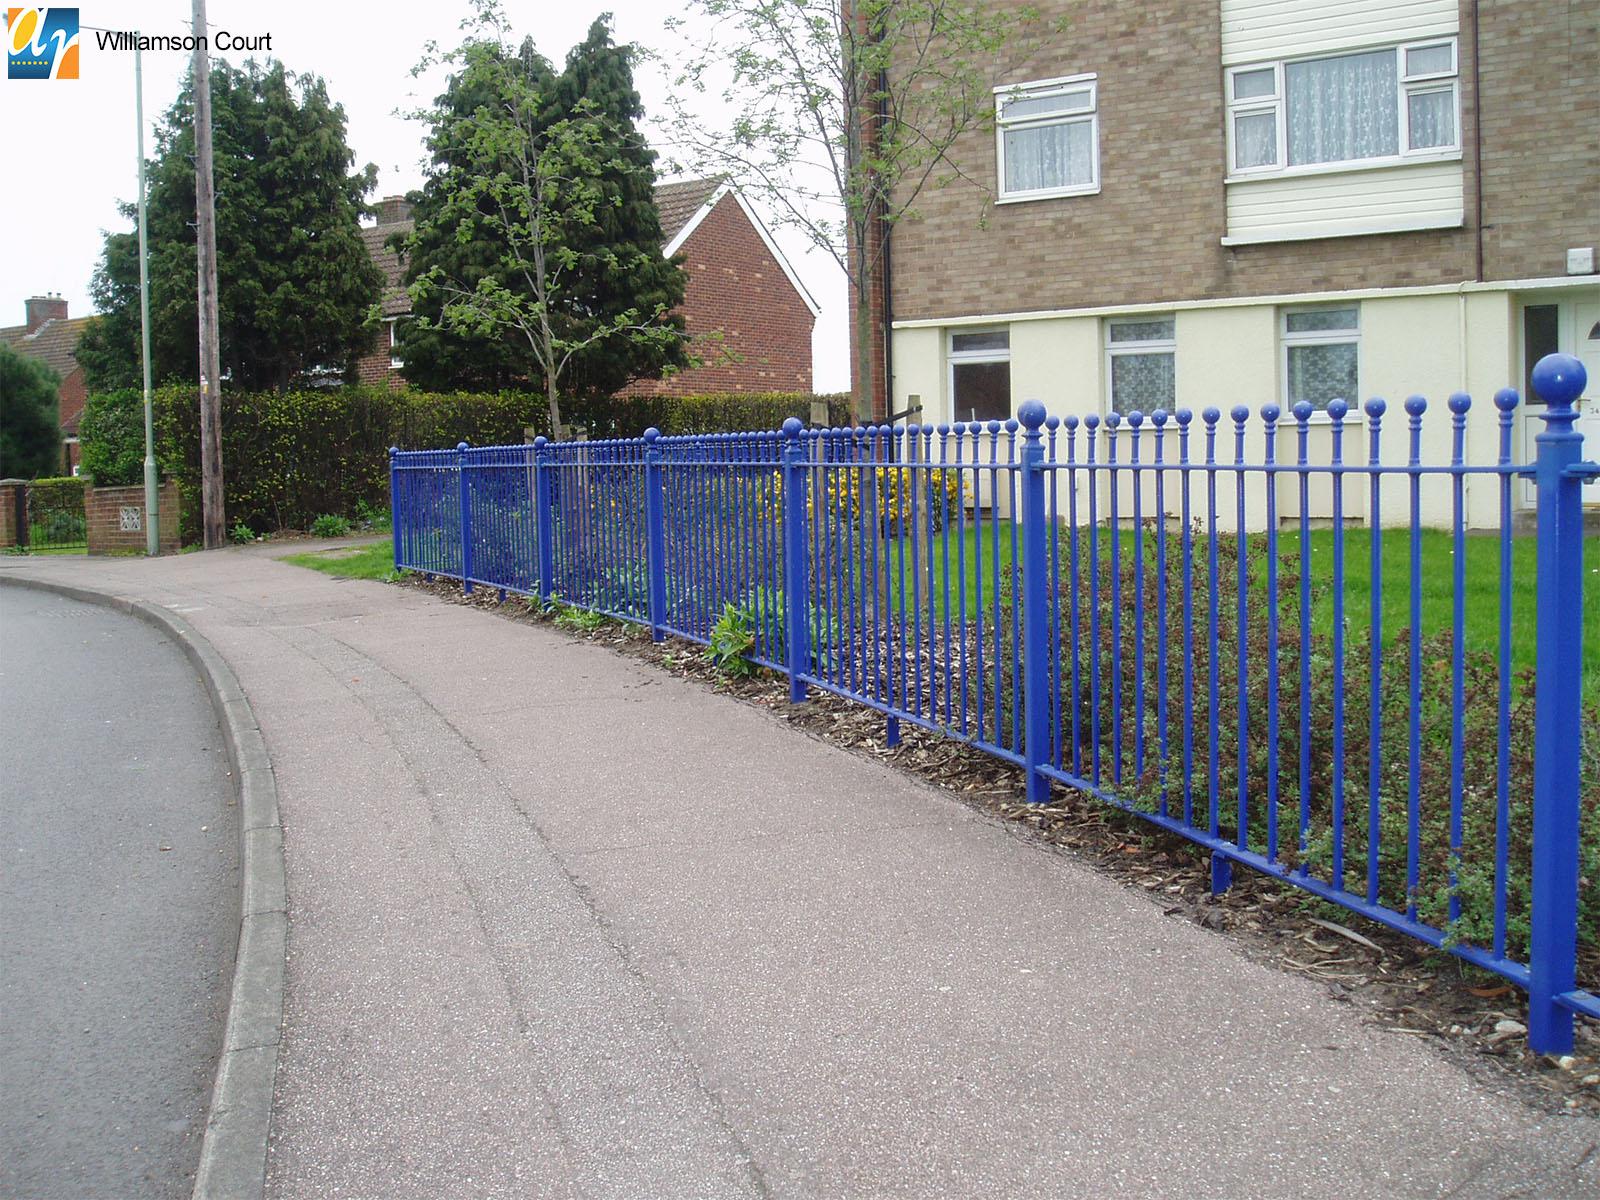 Williamson Court Humber vertical bar railings